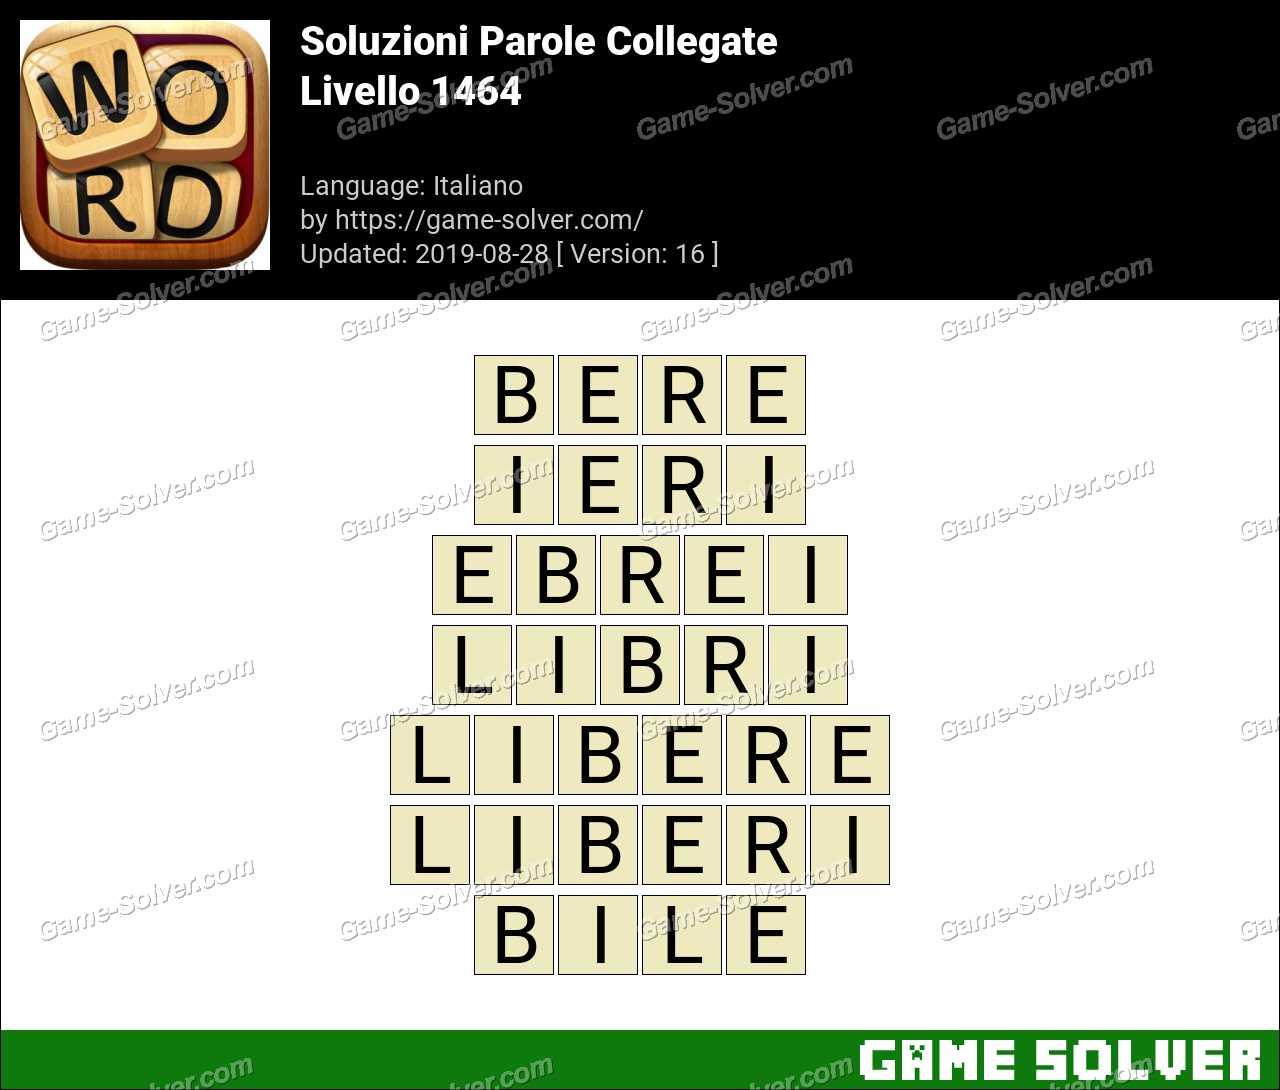 Soluzioni Parole Collegate Livello 1464